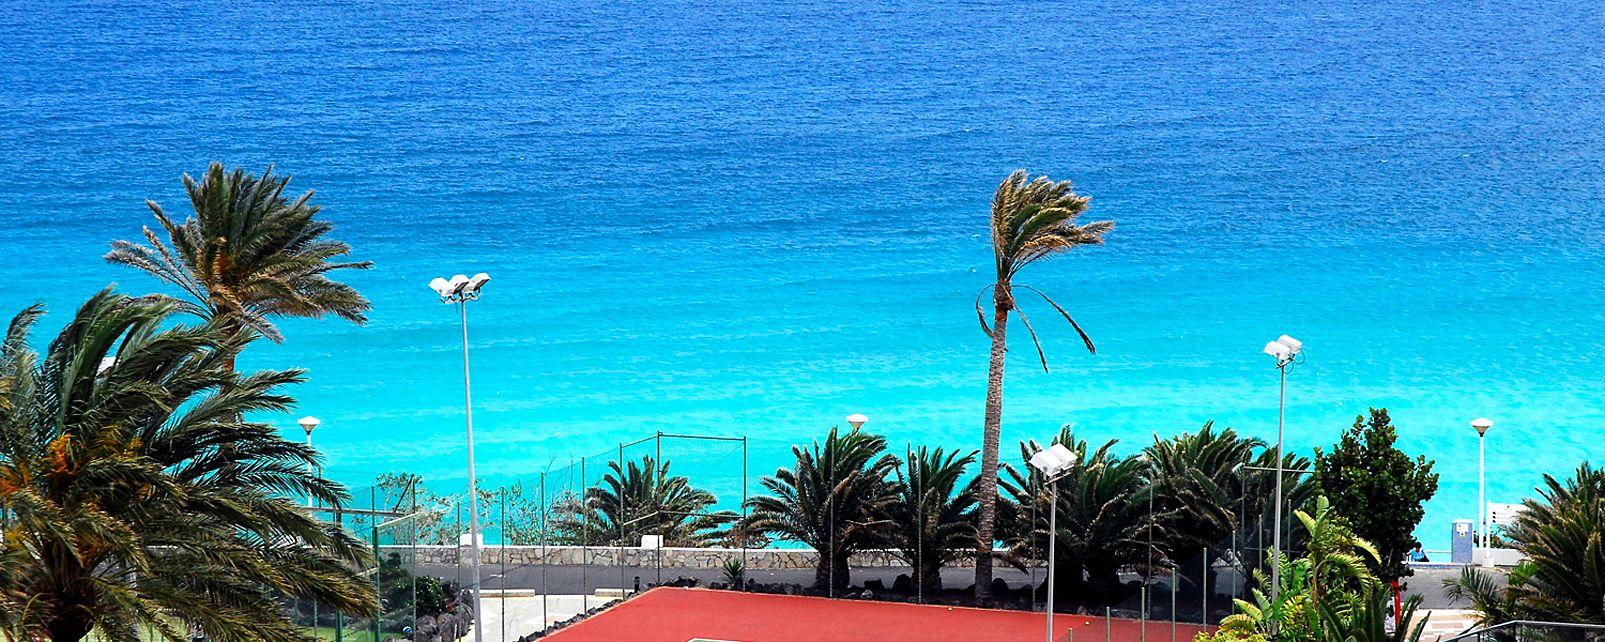 paraiso playa fuerteventura